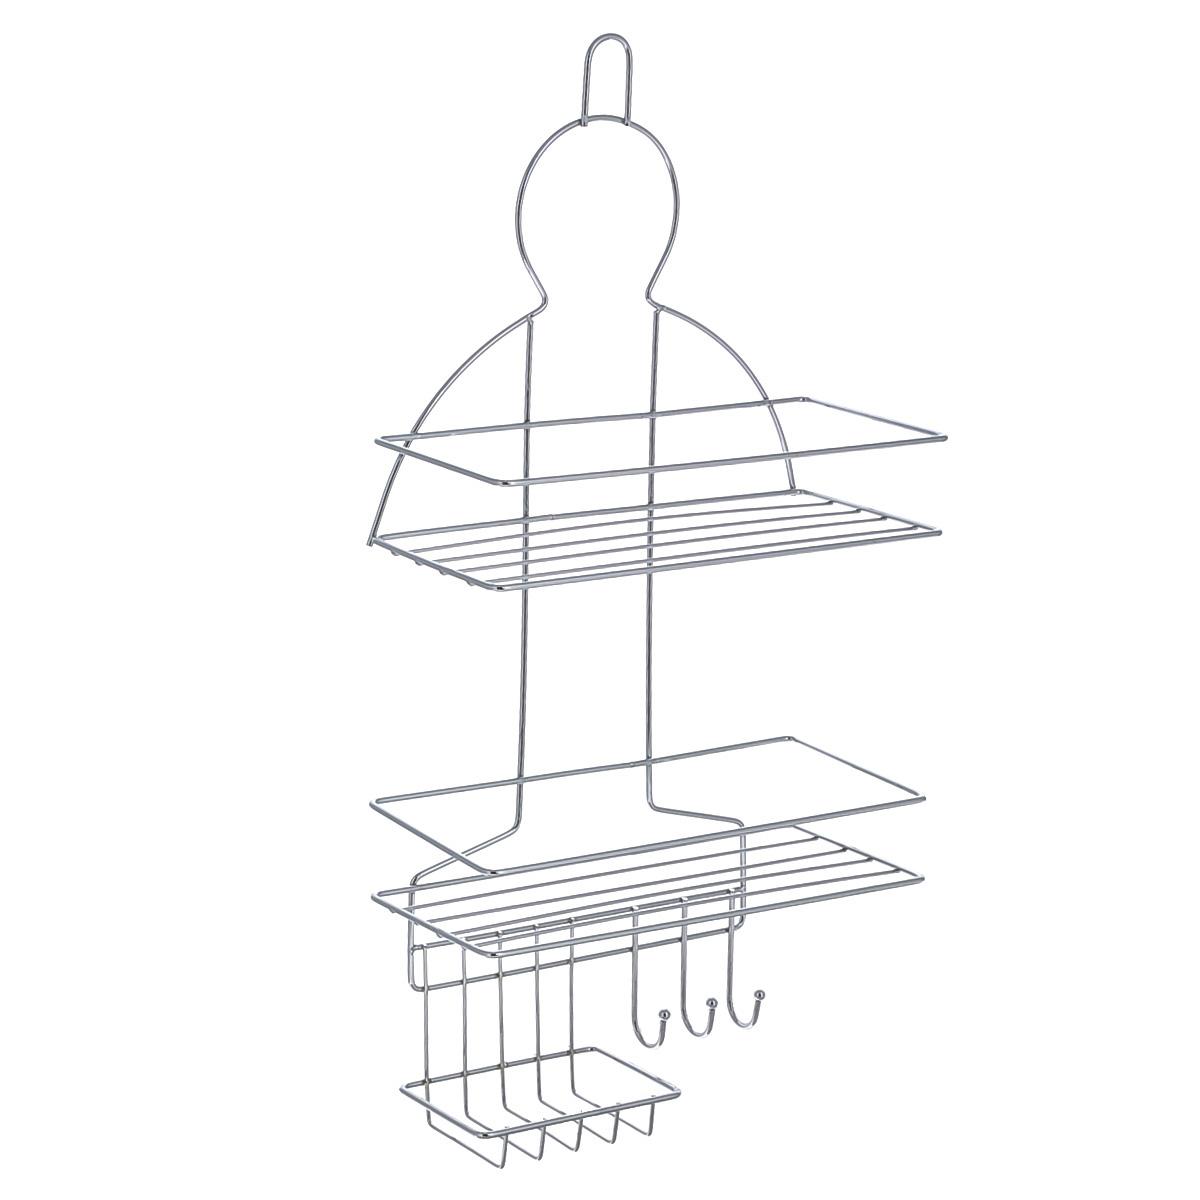 Полка навесная Home Queen, 23,7 см х 11,2 см х 49,8 см1092019Удобная компактная полка Home Queen не требует специального монтажа, ее можно повесить на крючок или штангу в ванной. Универсальный дизайн подойдет для любого интерьера ванной комнаты. Выполнена из хромированной стали.